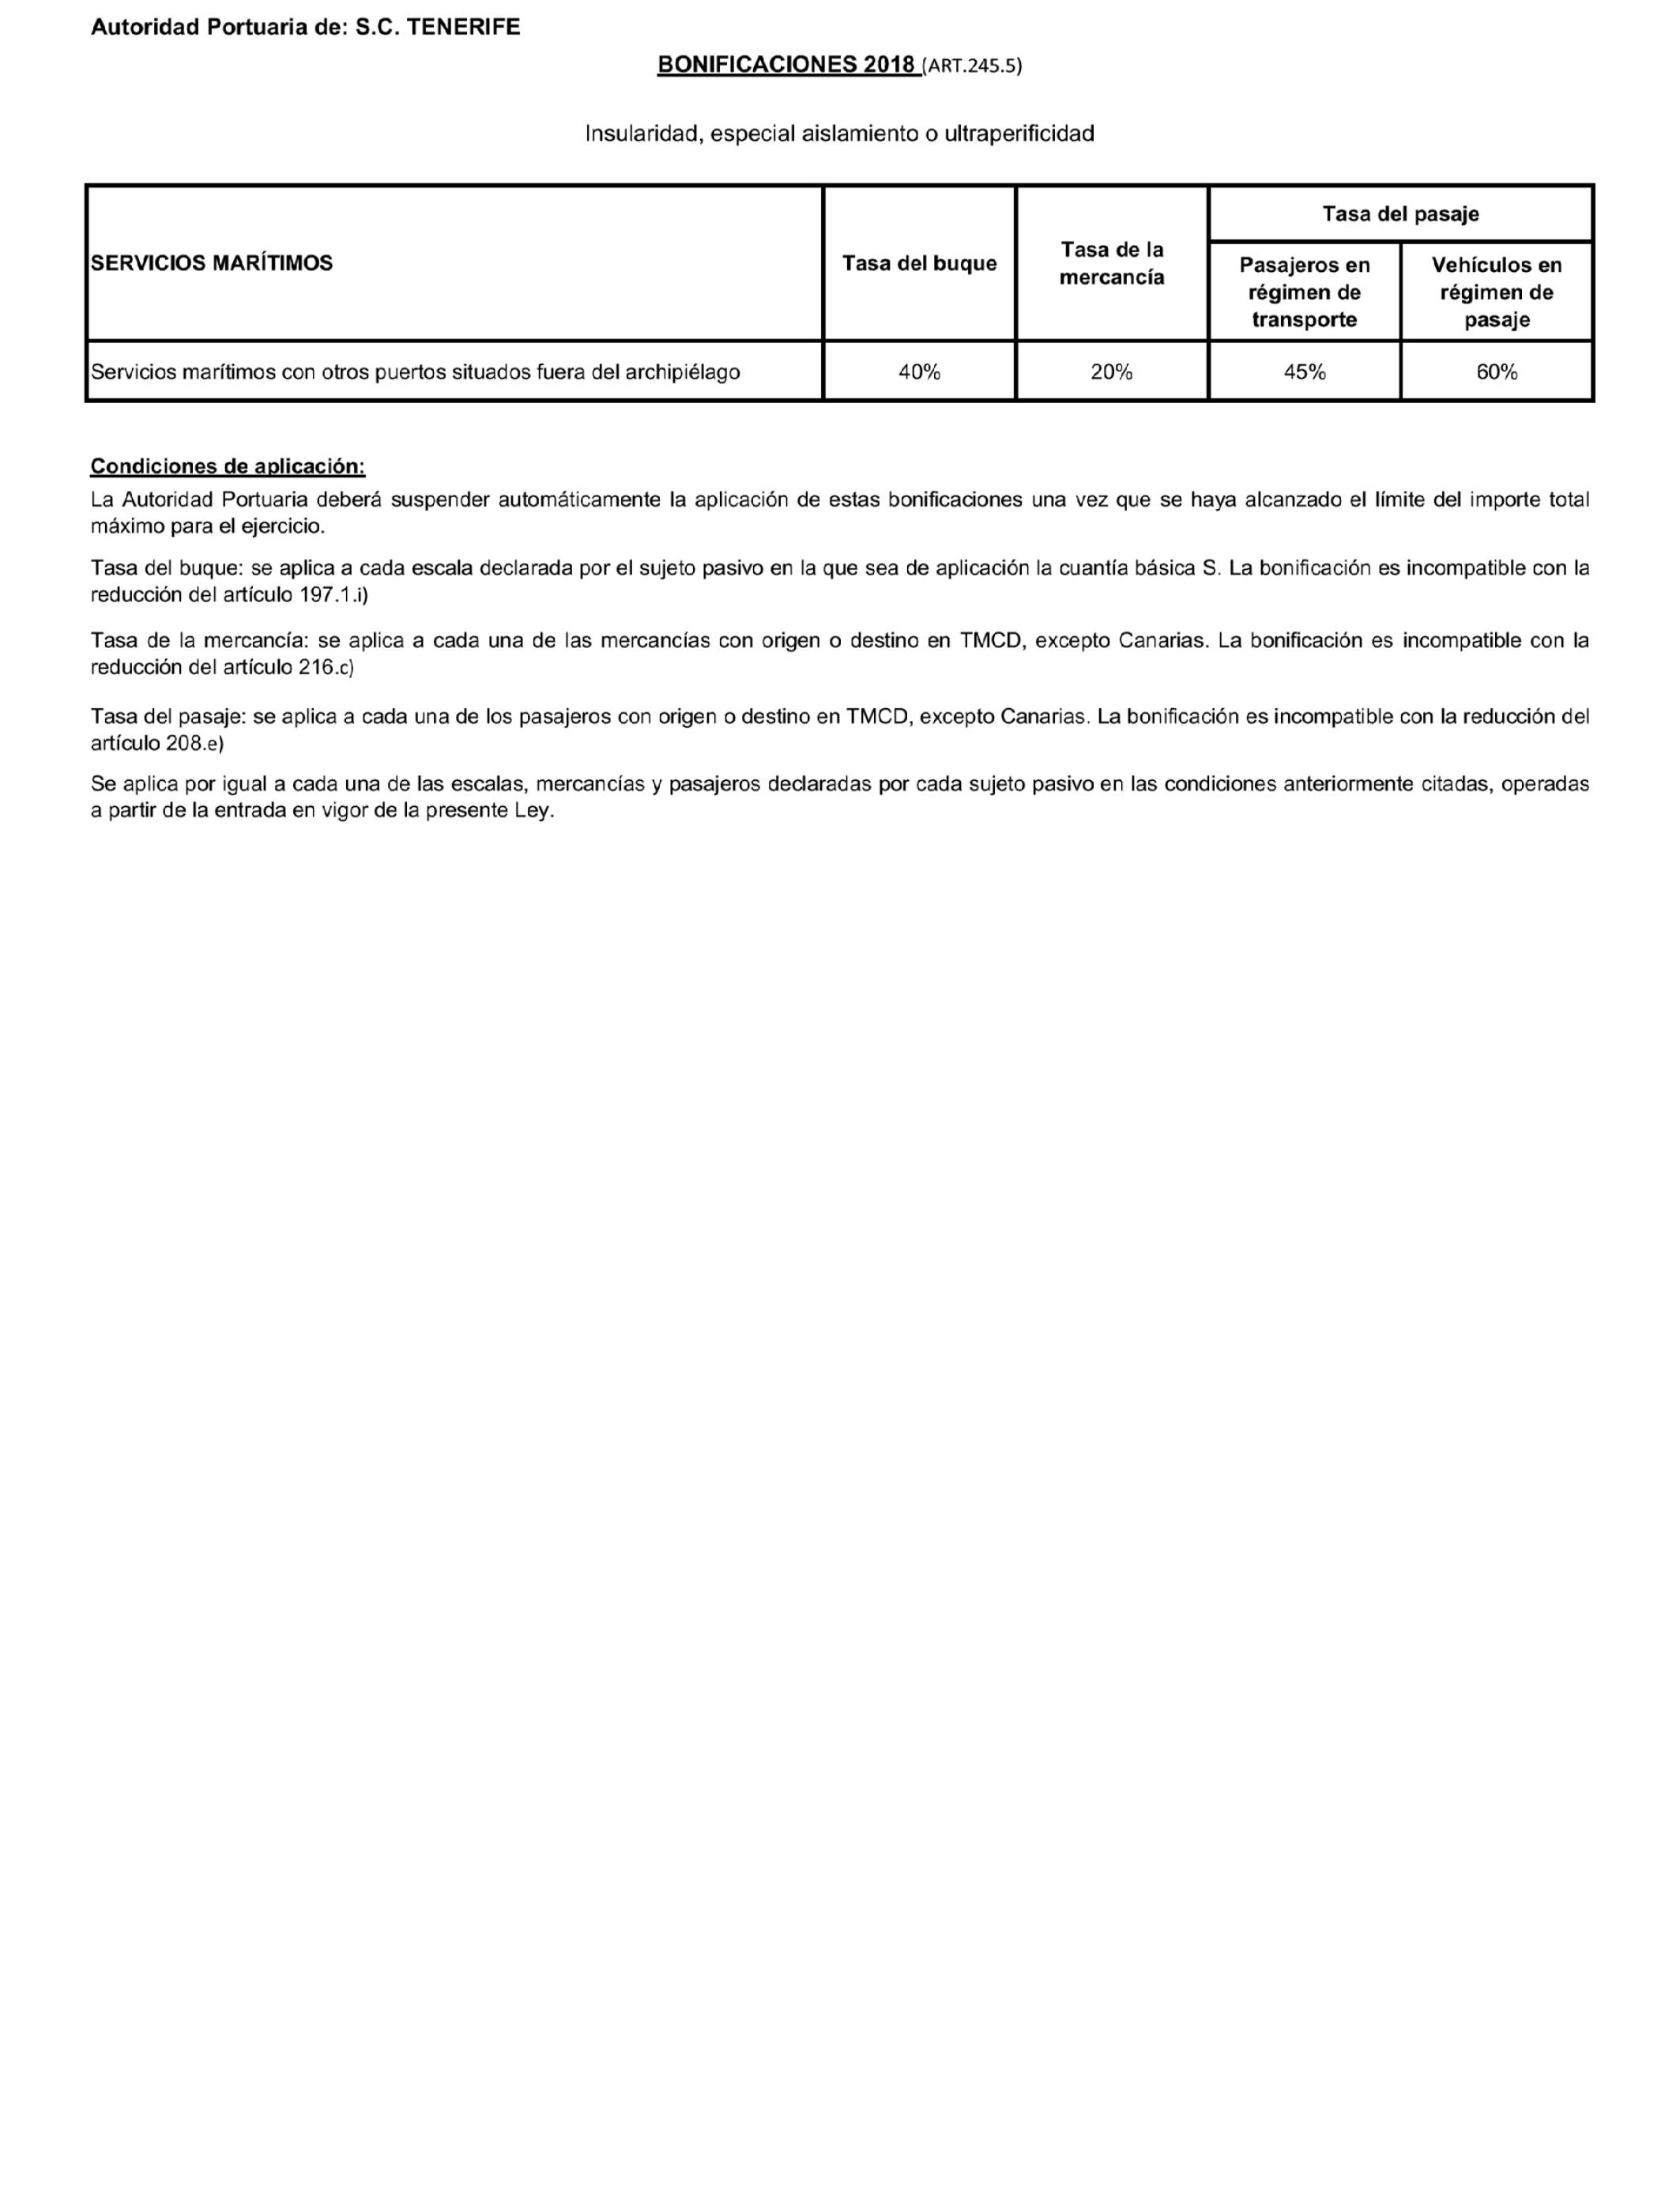 Calendario Laboral 2019 Barcelona Gencat Más Recientes Boe Documento Consolidado Boe A 2018 9268